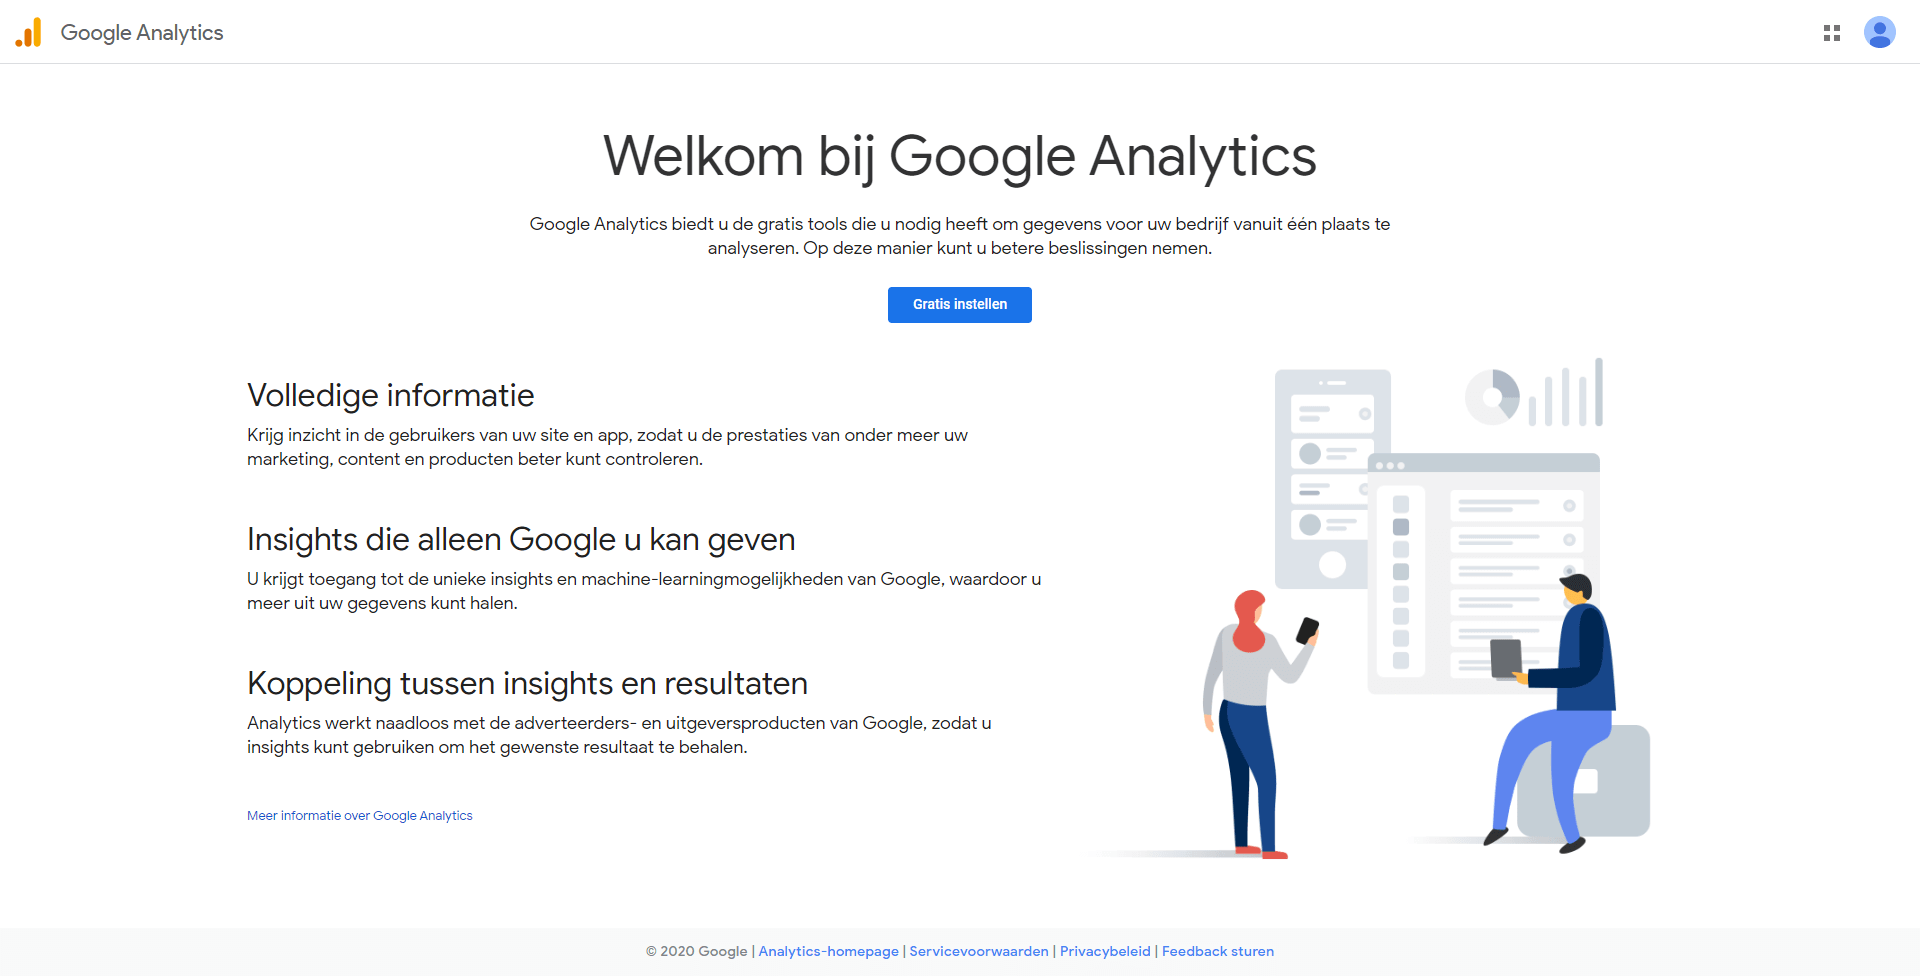 Welkom bij Google Analytics